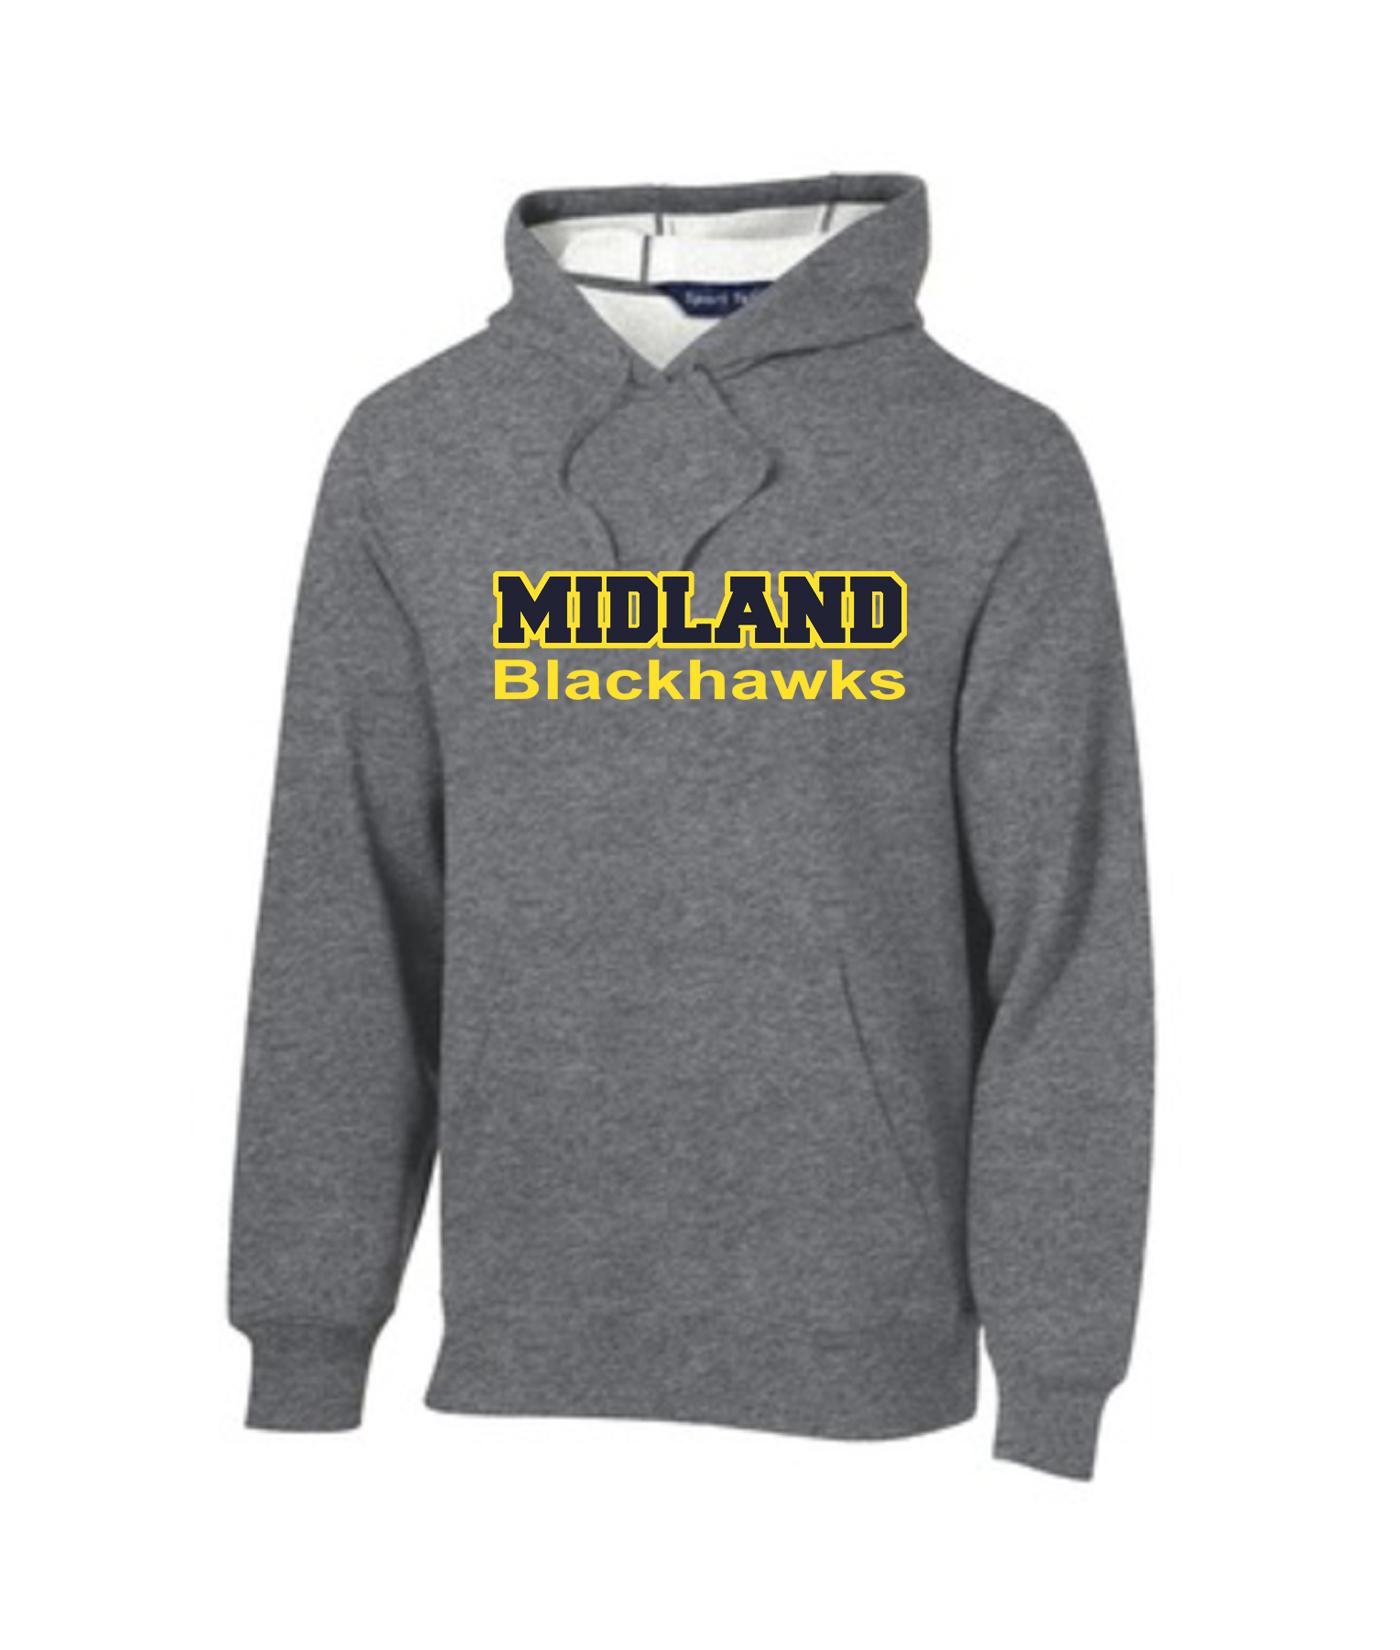 Sport-Tek Grey Pullover Hooded Sweatshirt Color Midland Blackhawks Gold Outline Navy Inside